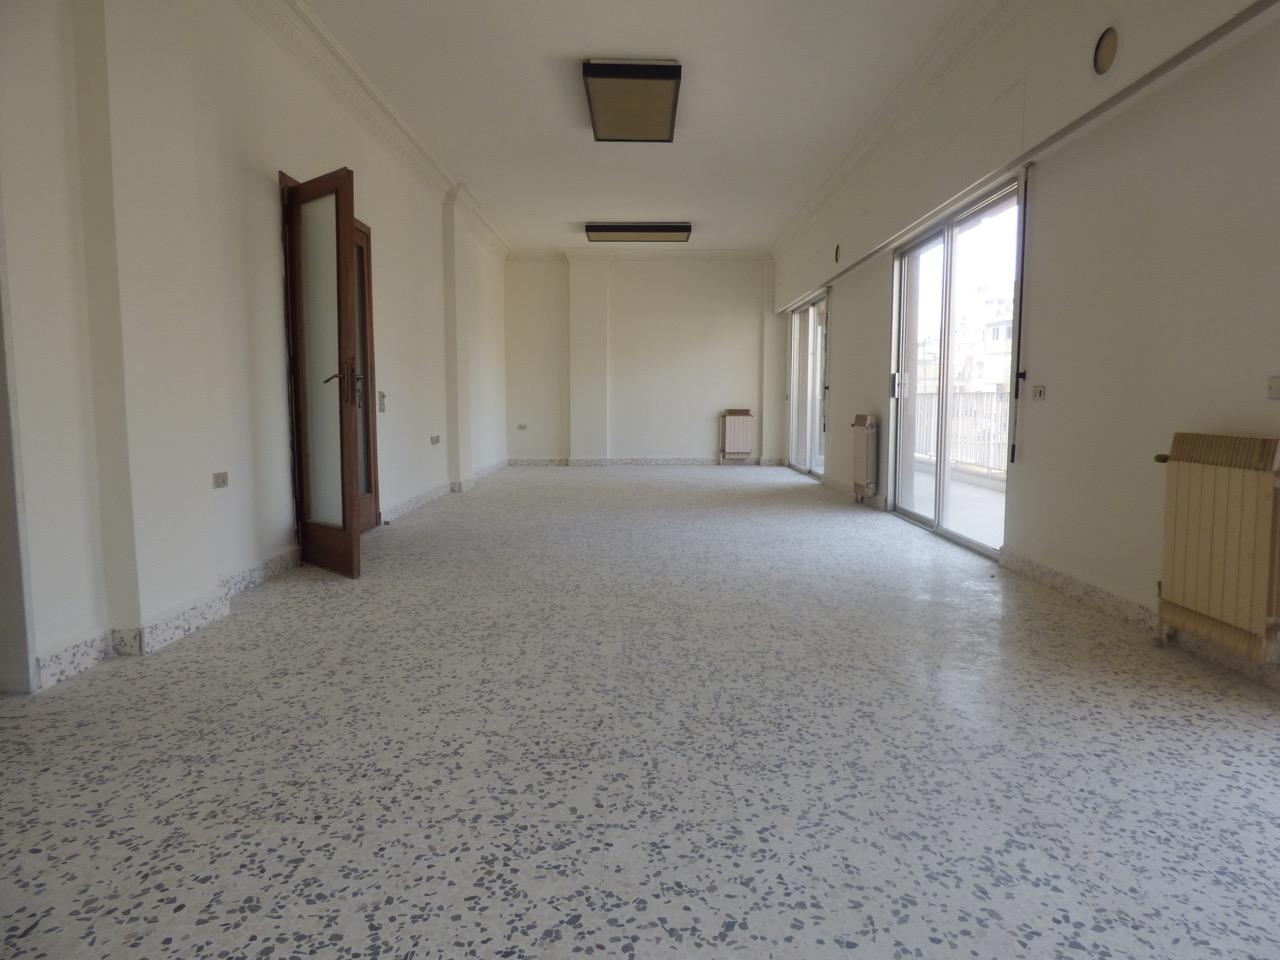 LivinApartment to rent in Ashrafieh, Beirutg area